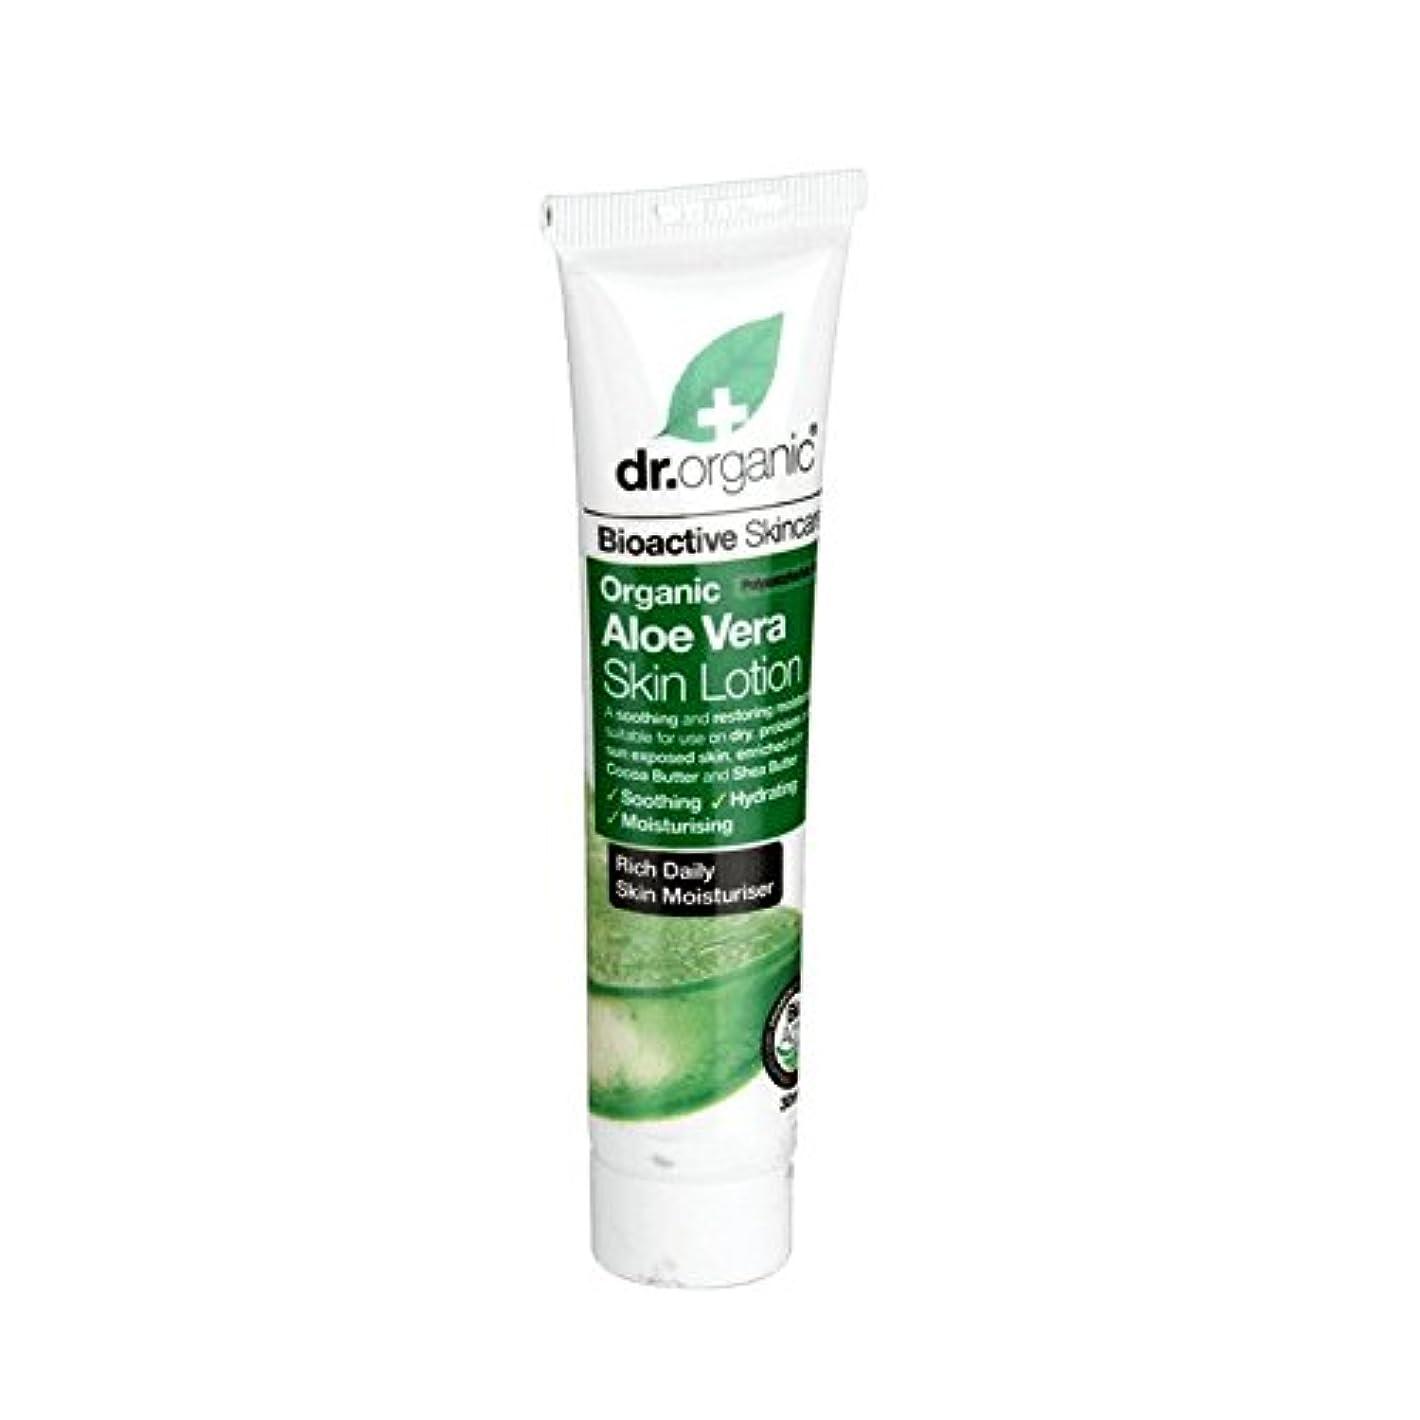 ジョージバーナード育成迷路Dr Organic Aloe Vera Travel Skin Lotion 30ml (Pack of 2) - Dr有機アロエベラの旅行スキンローション30ミリリットル (x2) [並行輸入品]